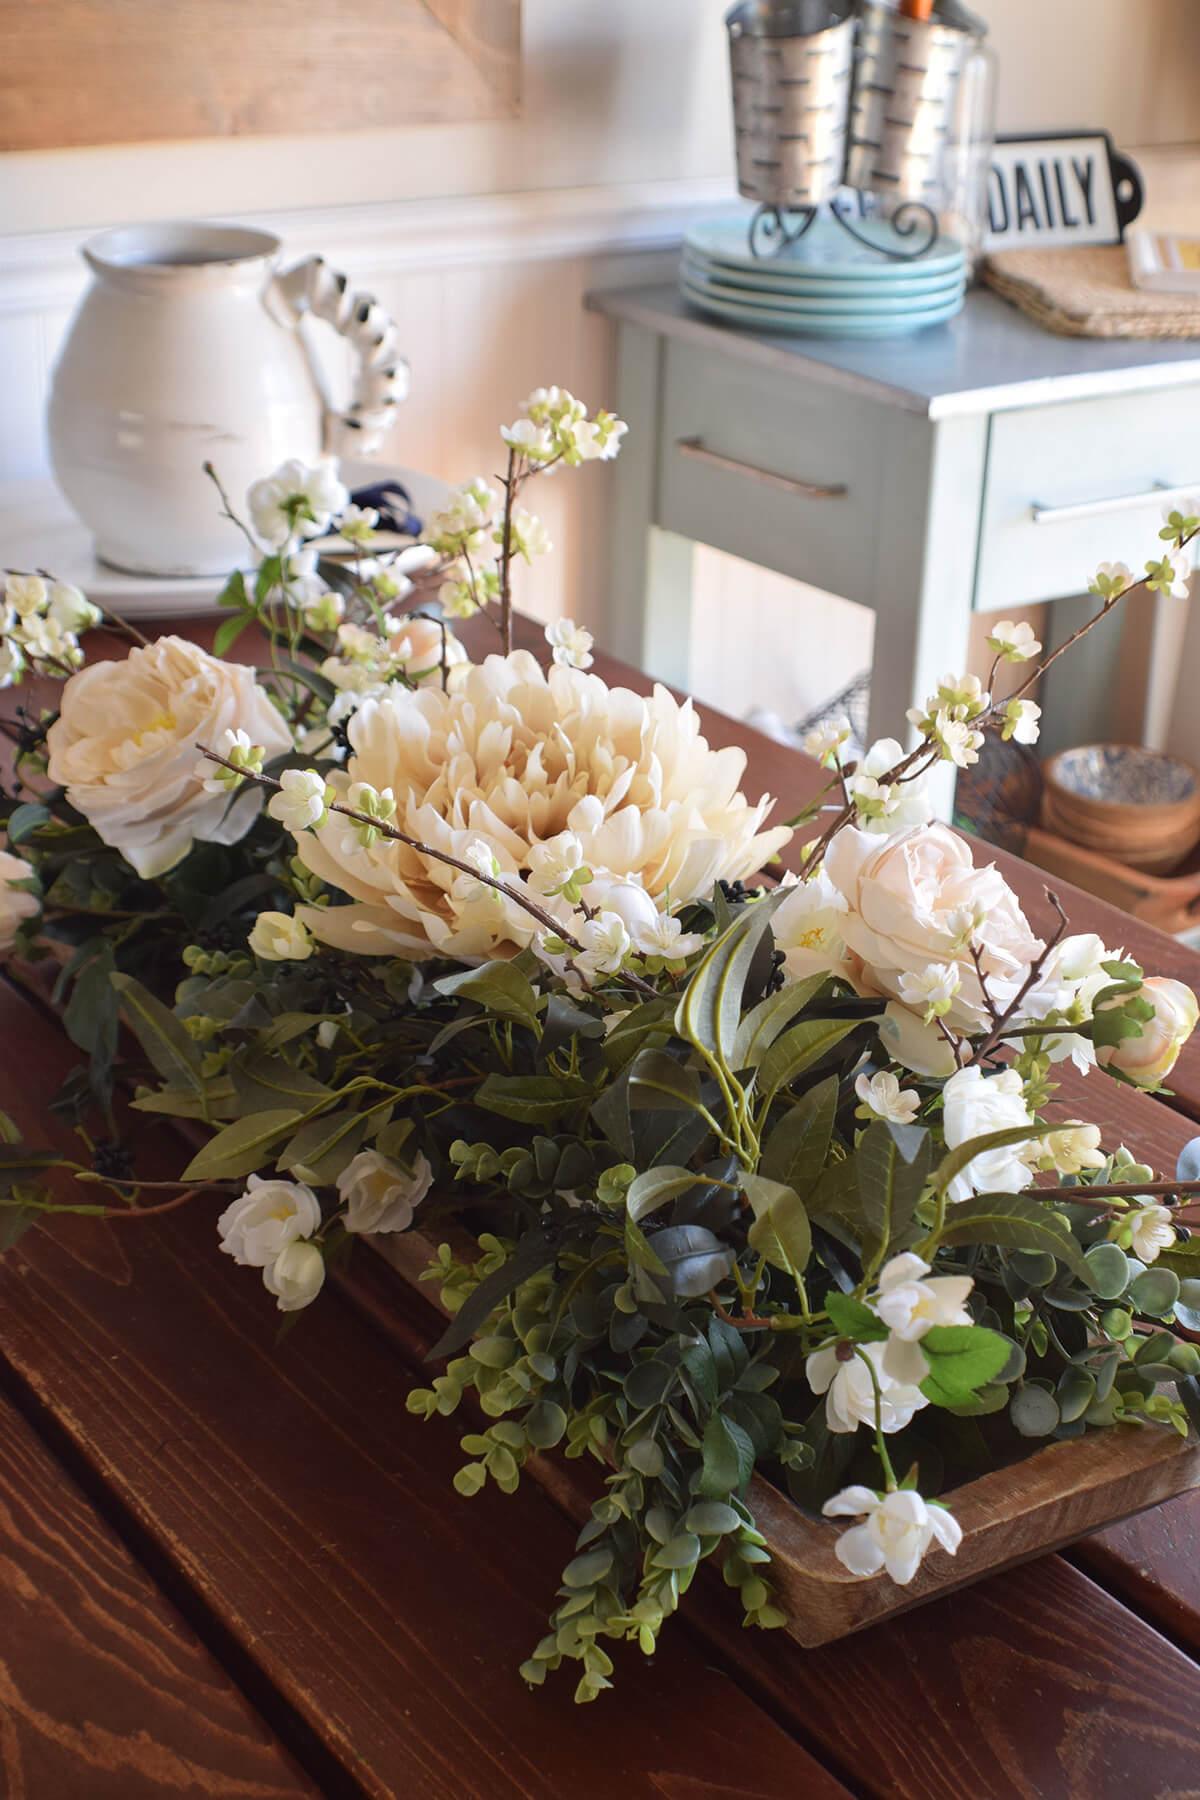 Meilleur centre de table floral de décoration rustique